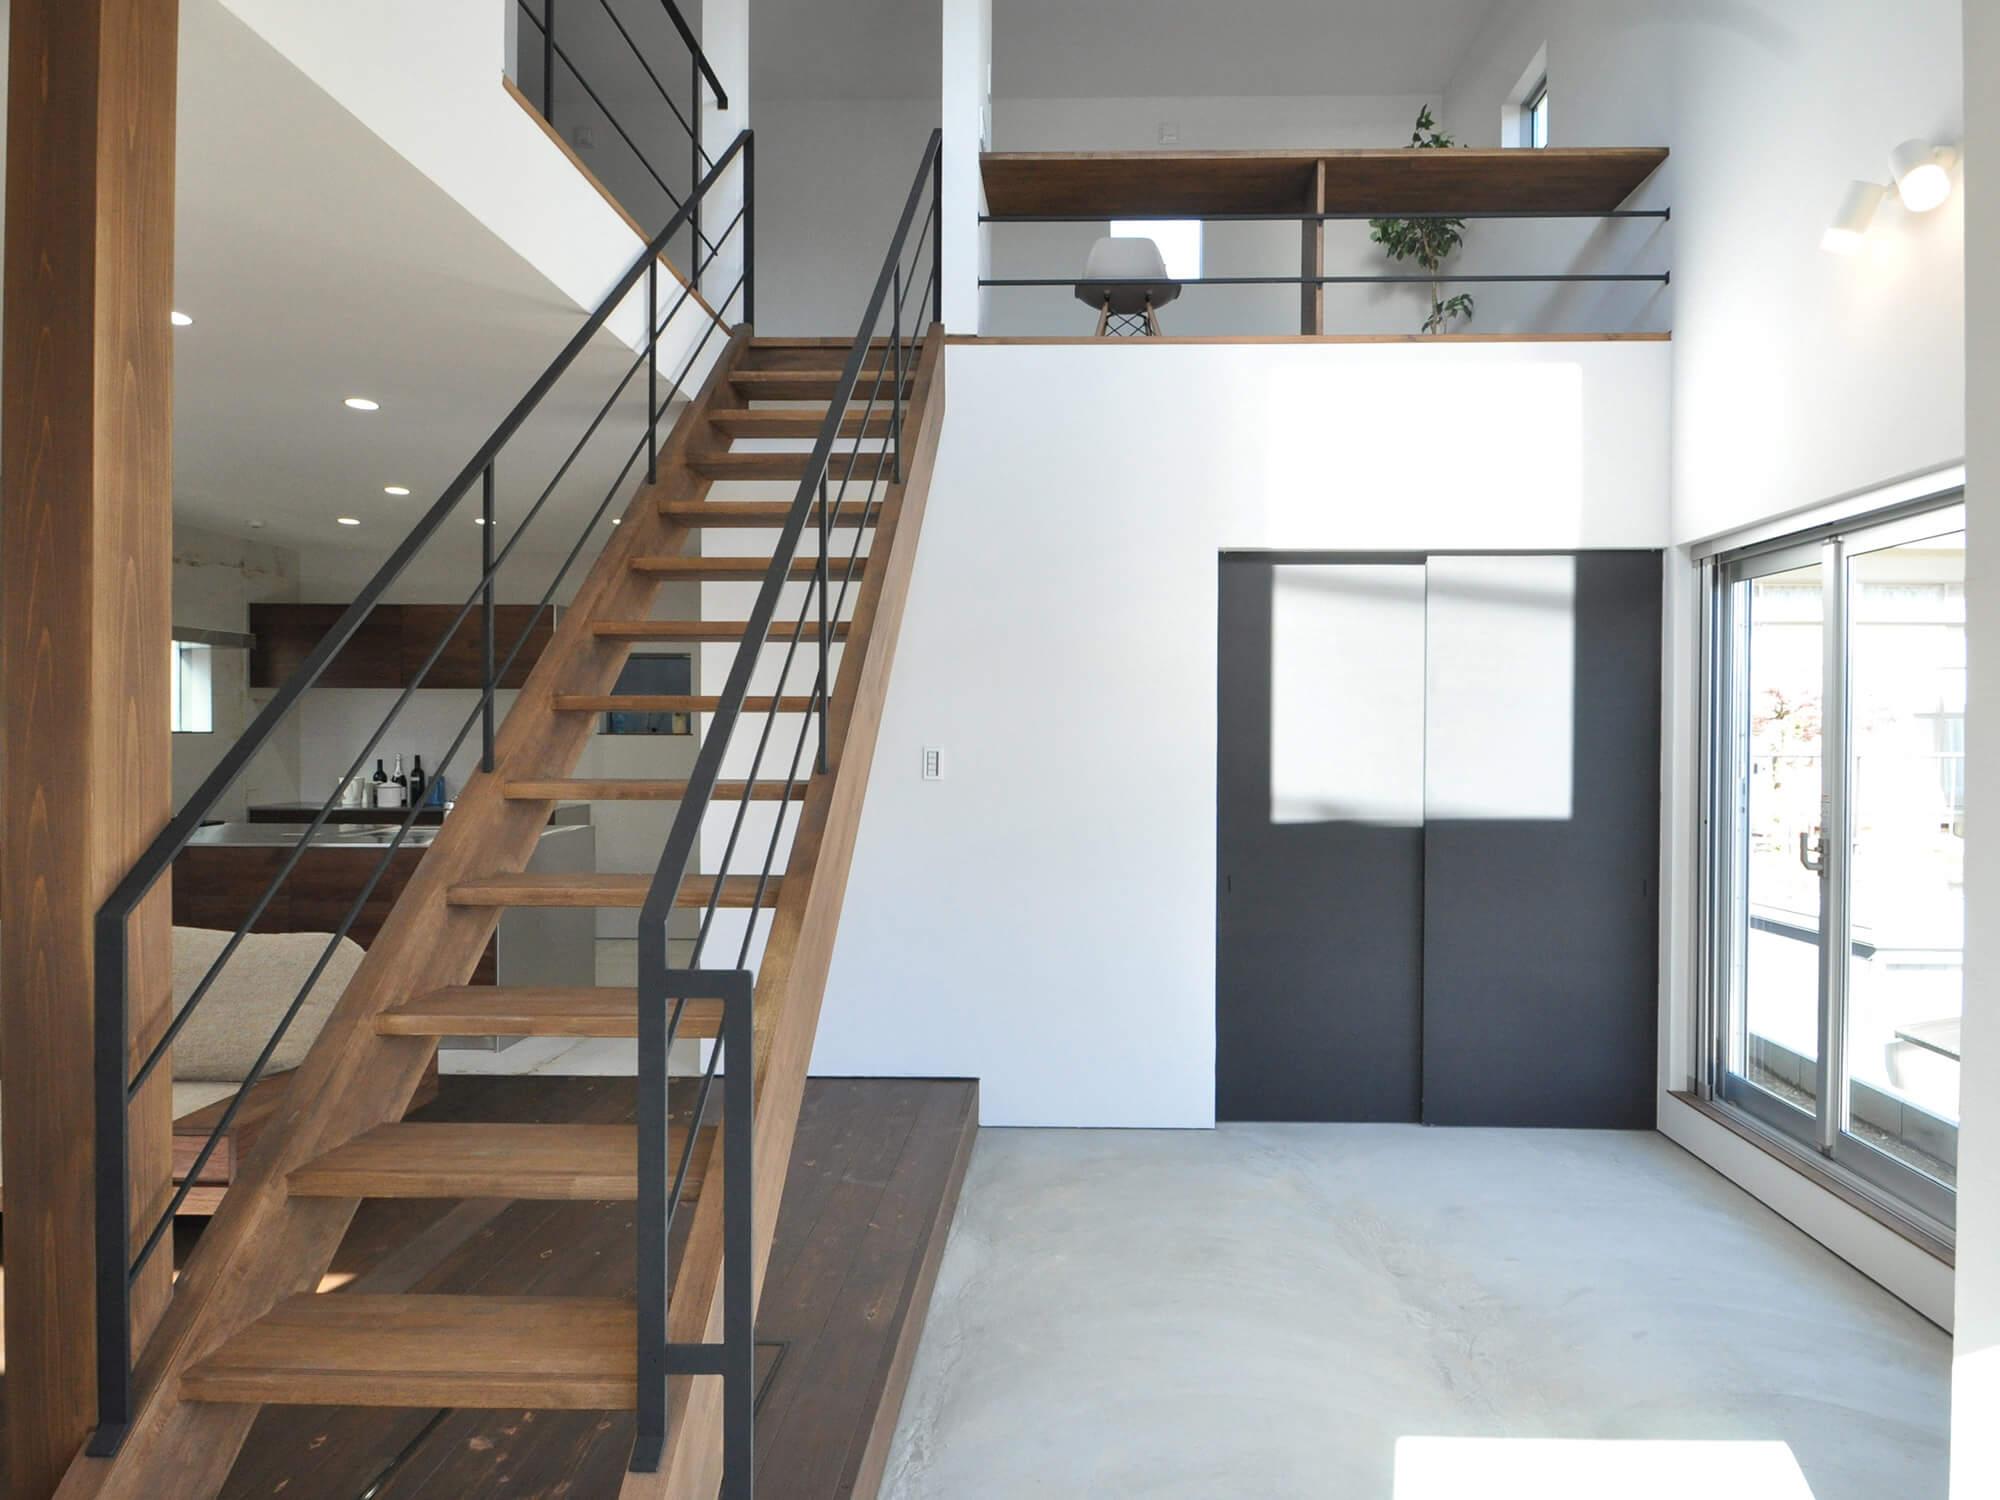 進陶の家03|愛知県名古屋市|Natureスペース施工事例